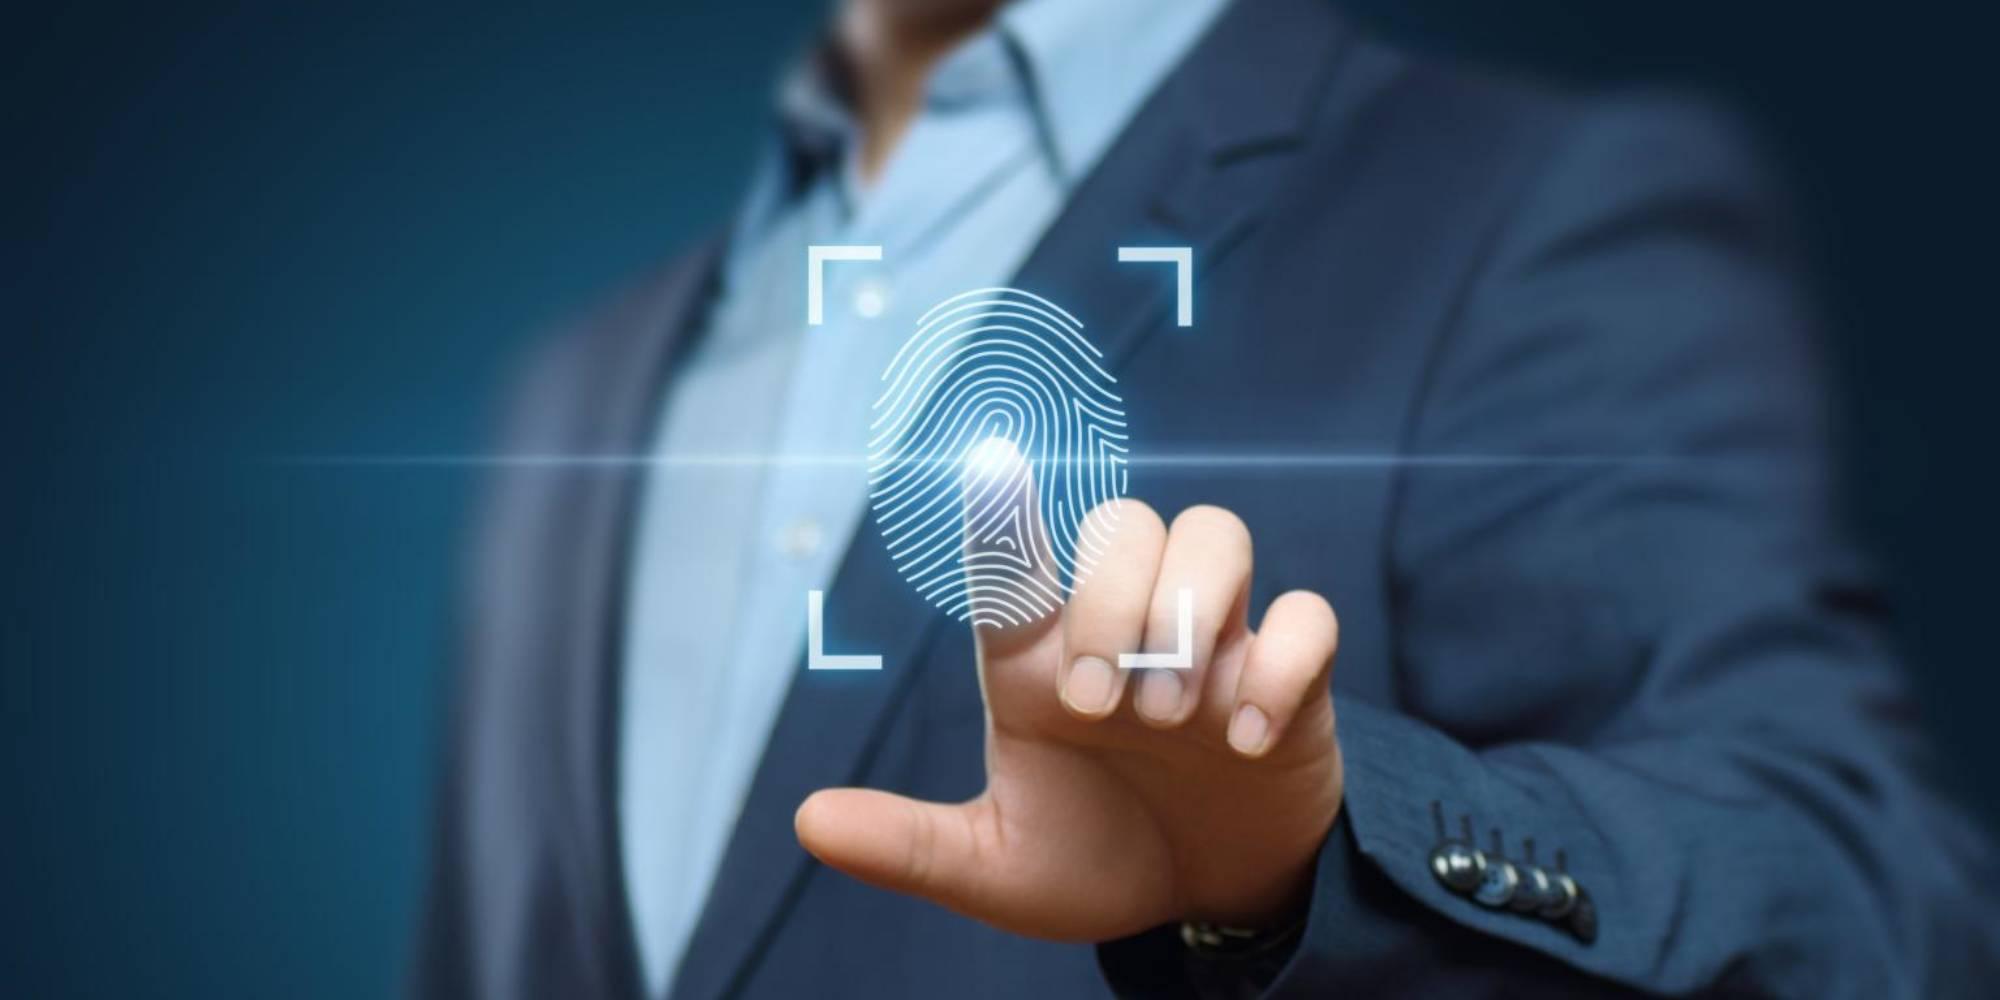 2-Faktor-Authentifizierung